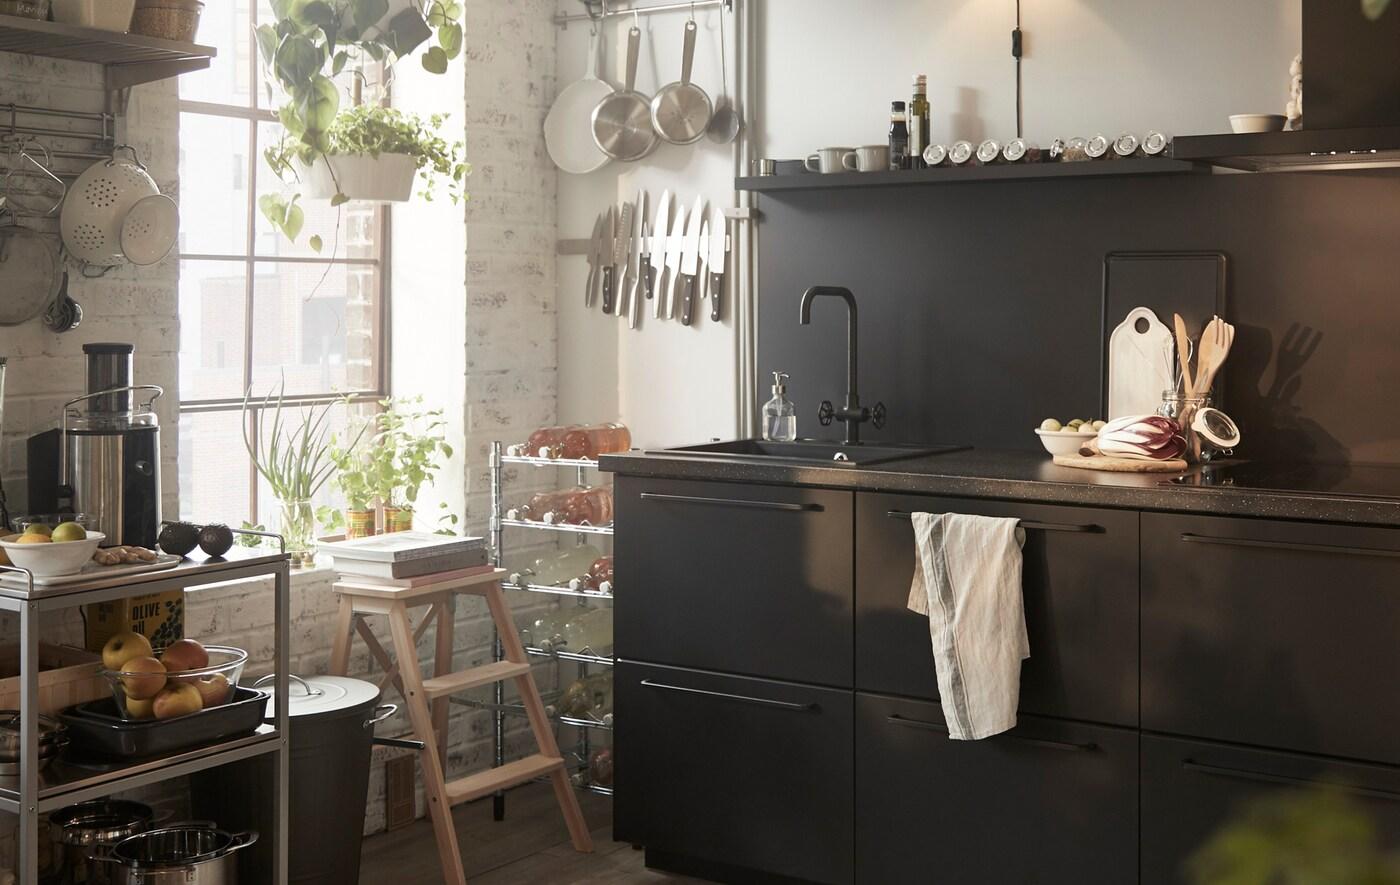 Czarne szafki kuchenne ze zlewem, metalowy wózek i przybory przechowywane na szynach przy oknie.